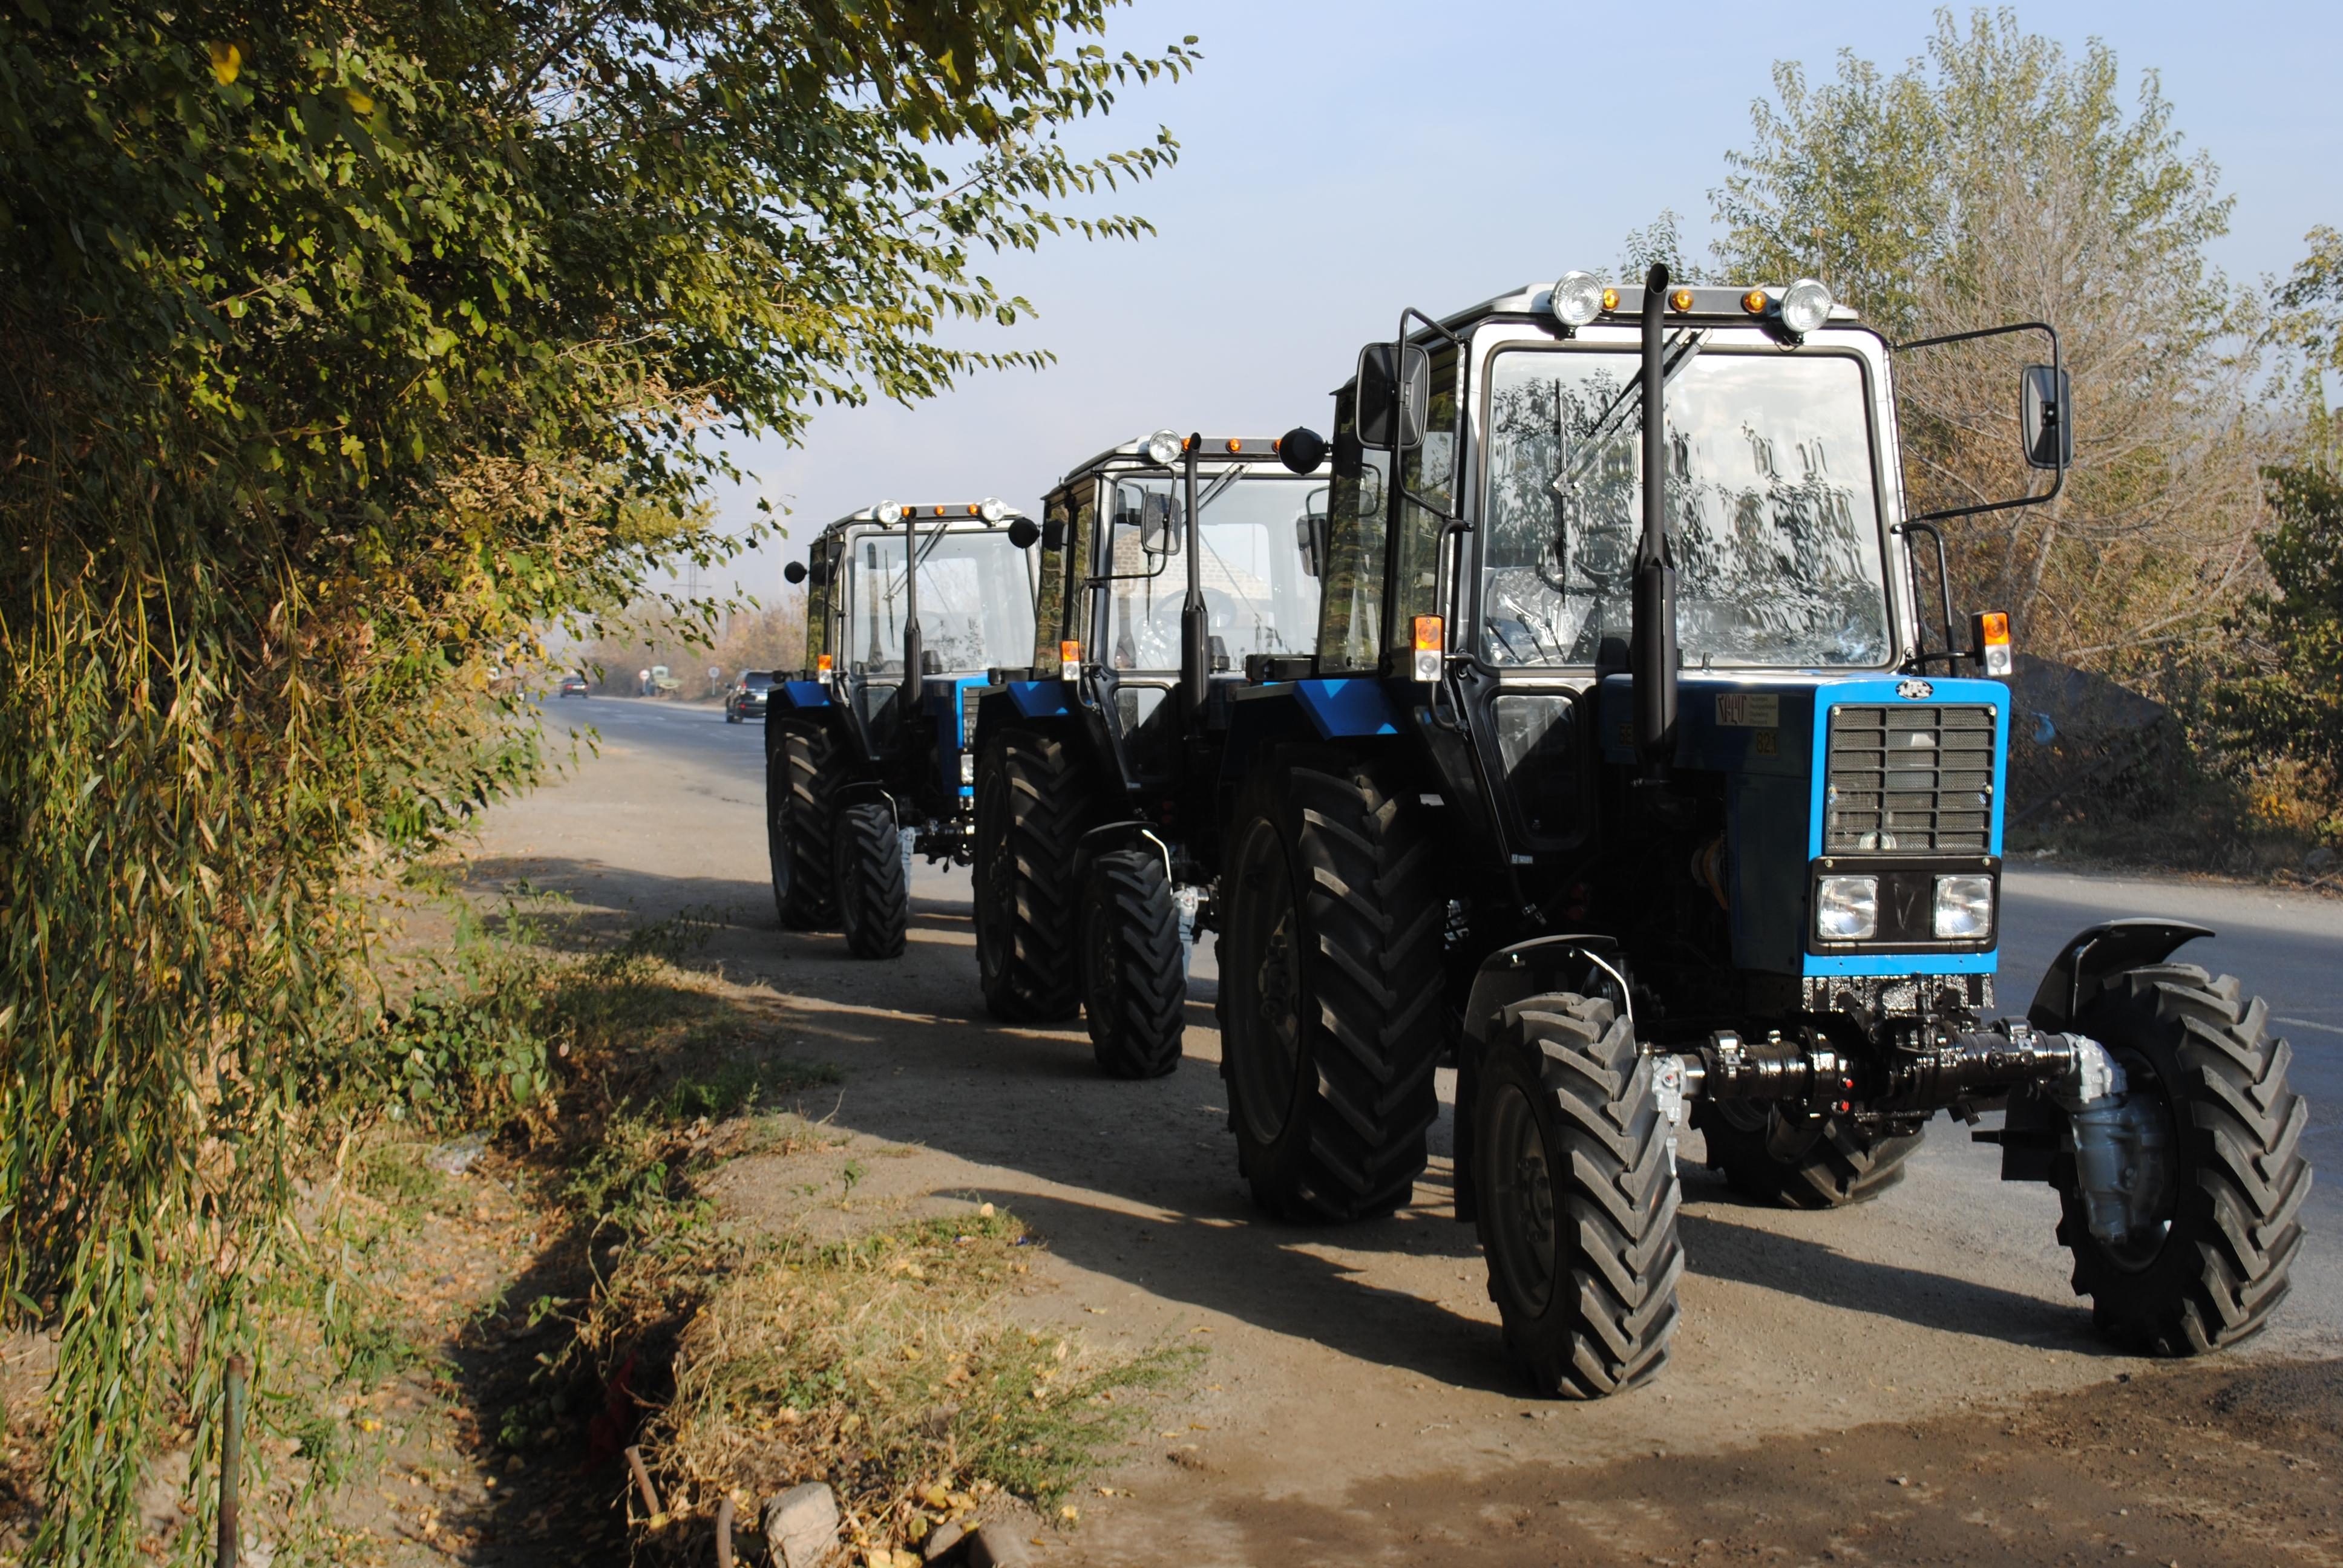 Հայաստանում լիզինգային ծրագրով իրացվելու է 2.2 միլիարդ դրամի գյուղտեխնիկա